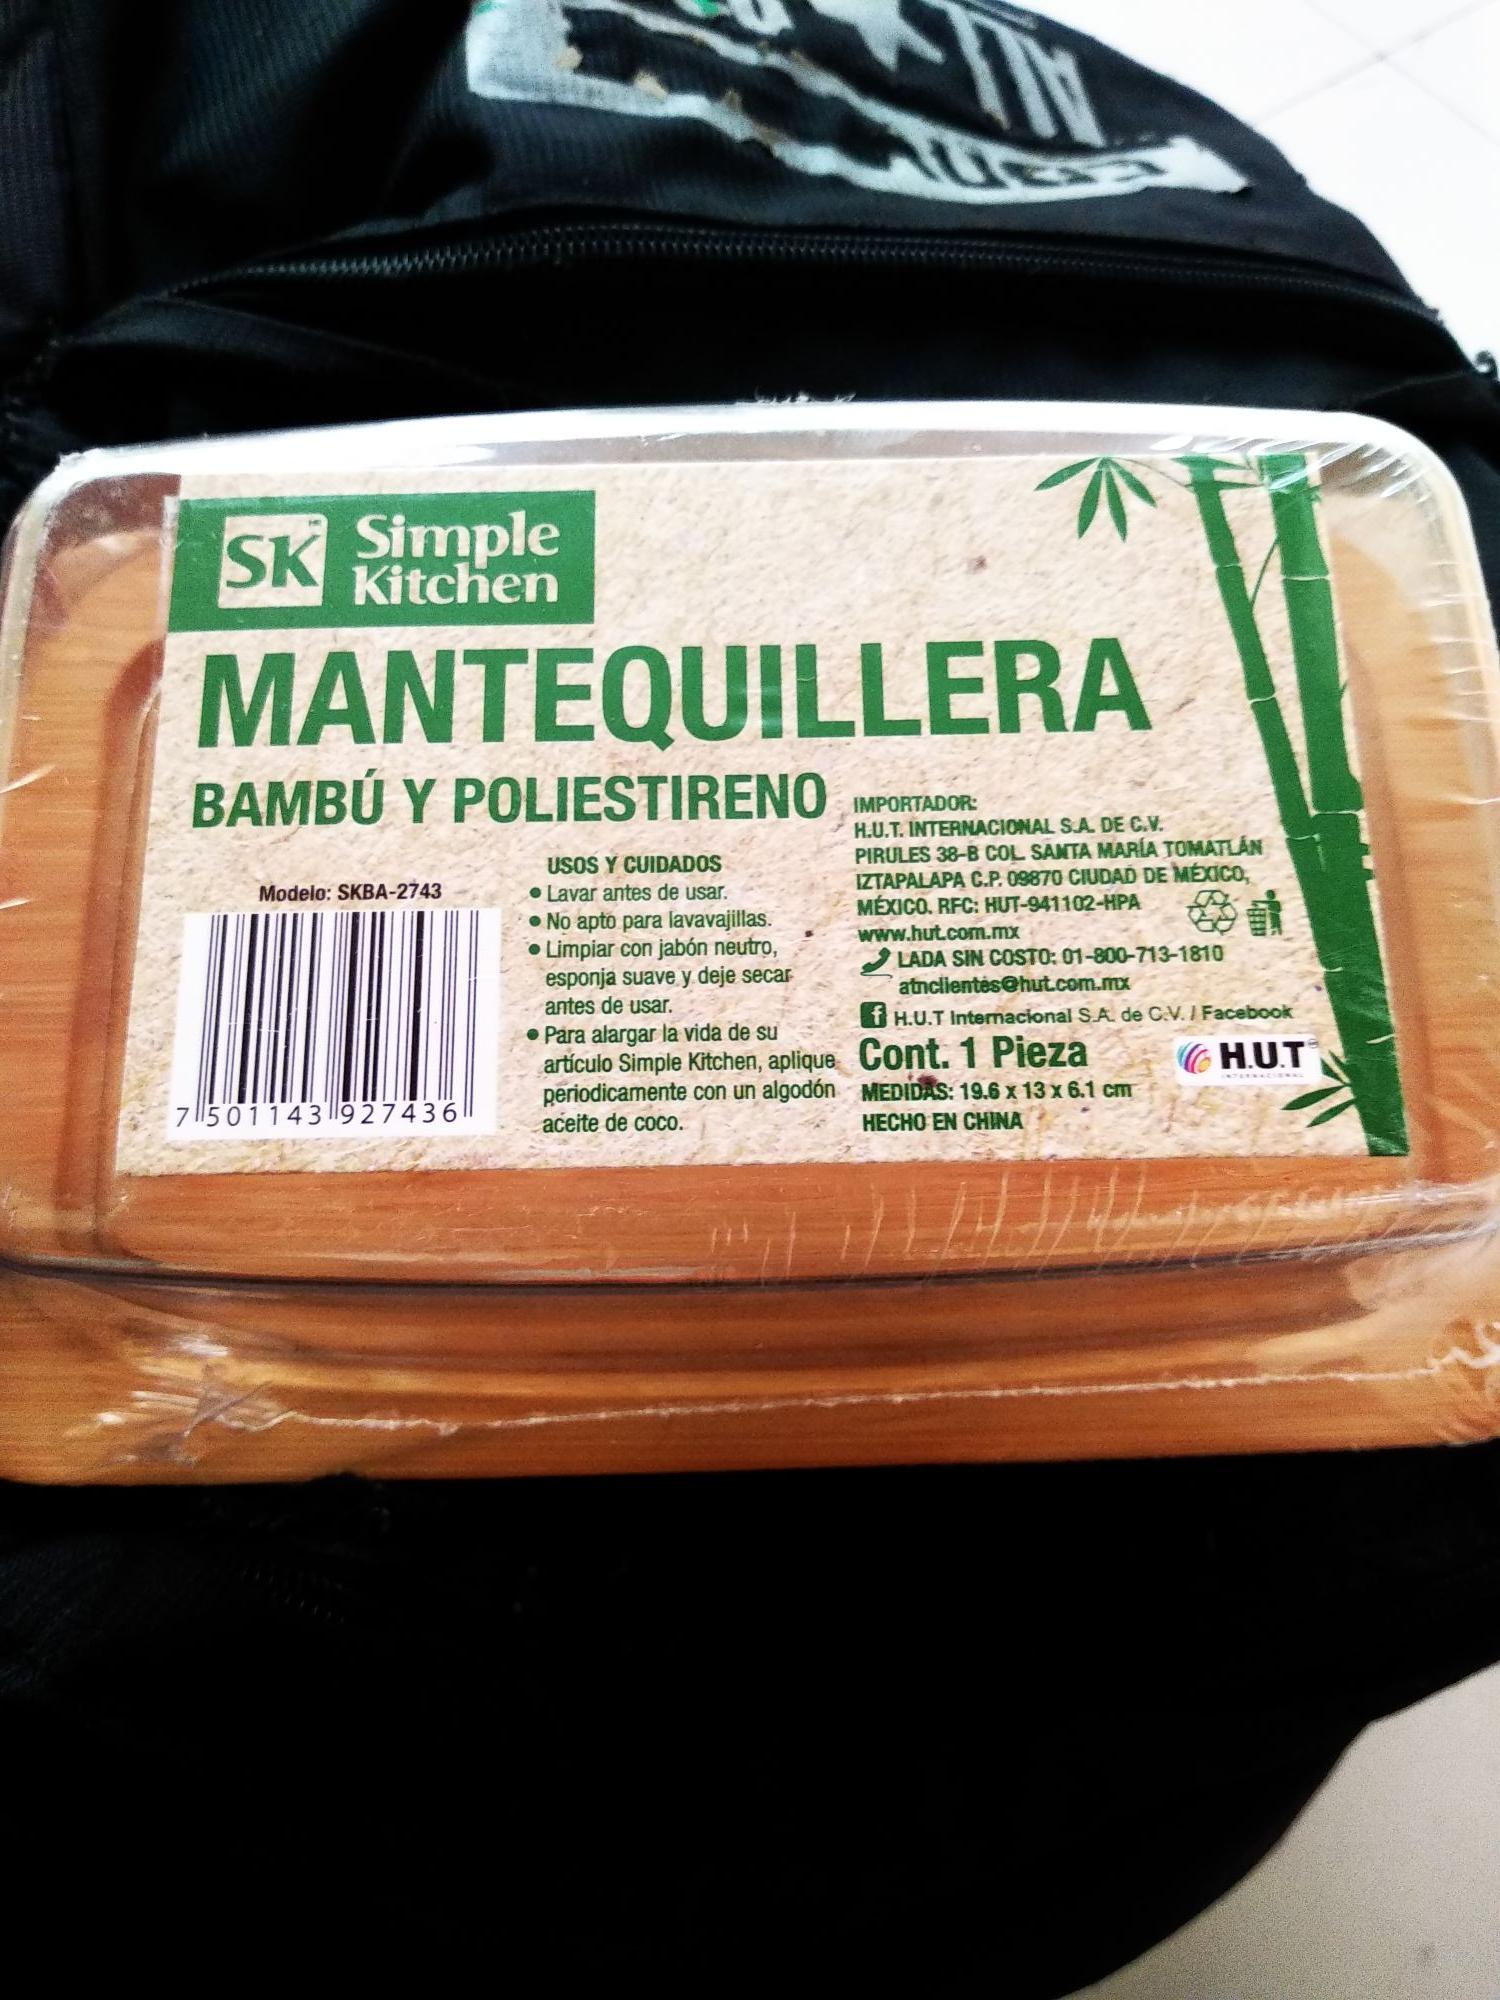 Walmart:  jugo cosecha pura 1litro (durazno) y mantequillera ya publicada